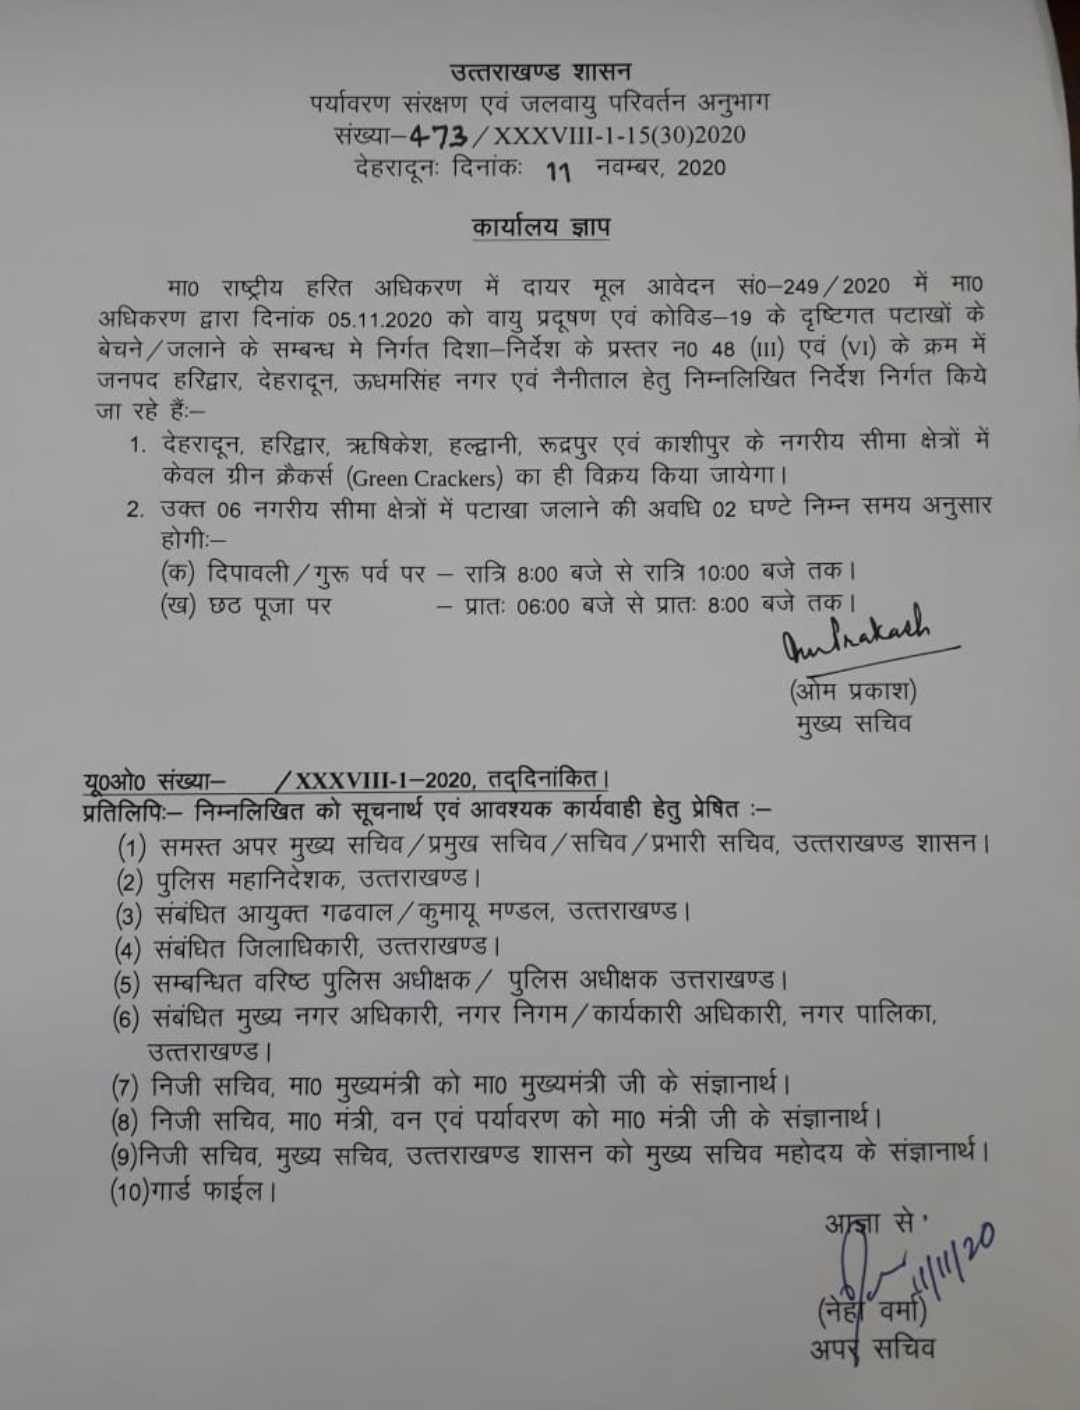 उत्तराखंड: इन 06 शहरों में दीपावली पर केवल 2 घण्टे ही जलाए ग्रीन पटाखे, मुख्य सचिव ने किए आदेश जारी 2